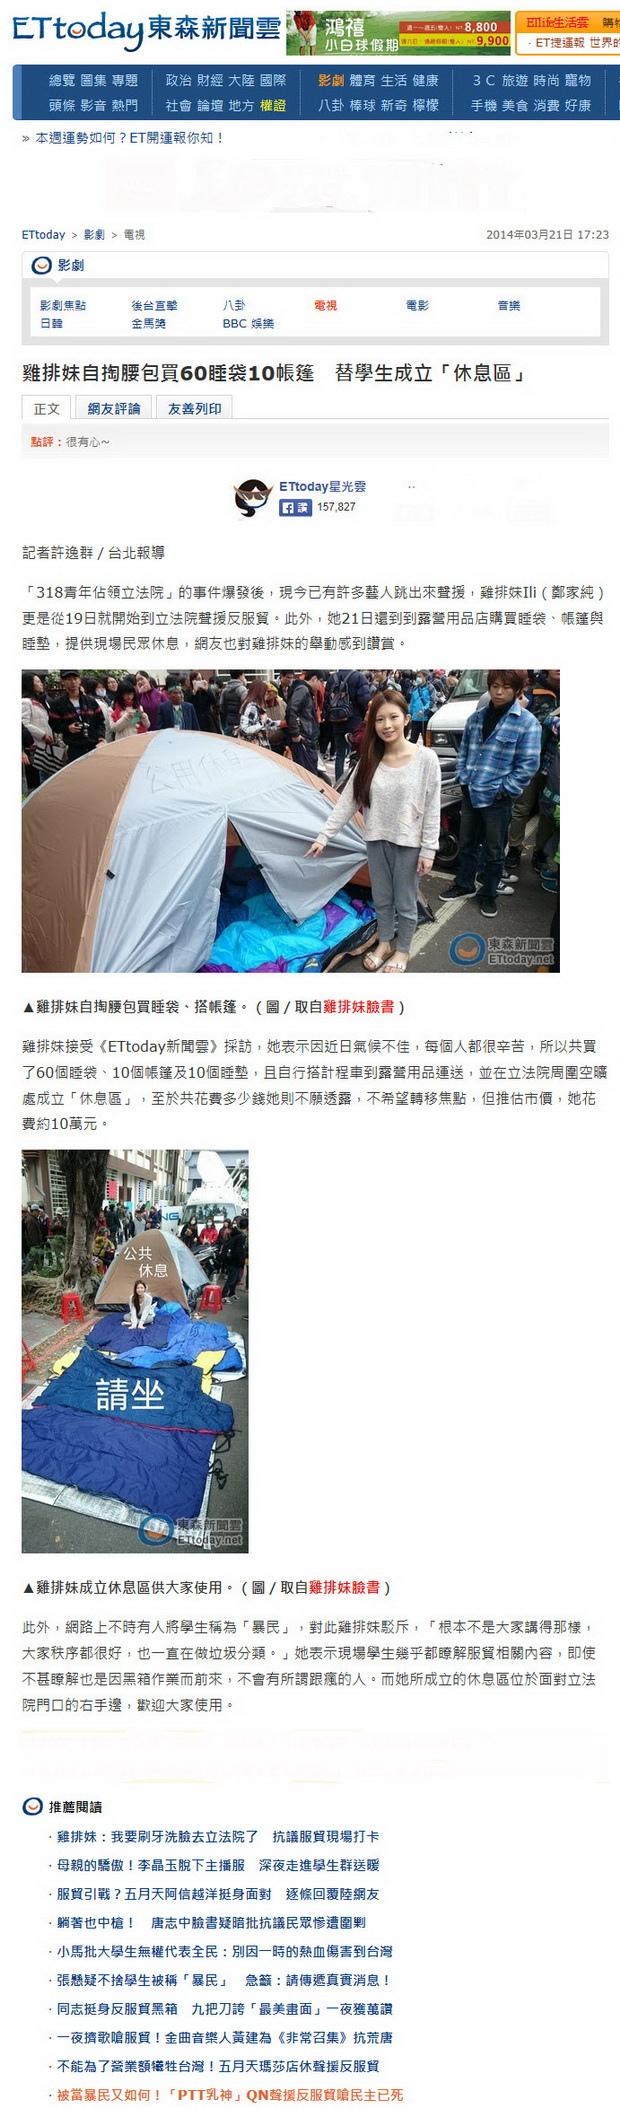 雞排妹自掏腰包買60睡袋10帳篷 替學生成立「休息區」-2014.03.21.jpg